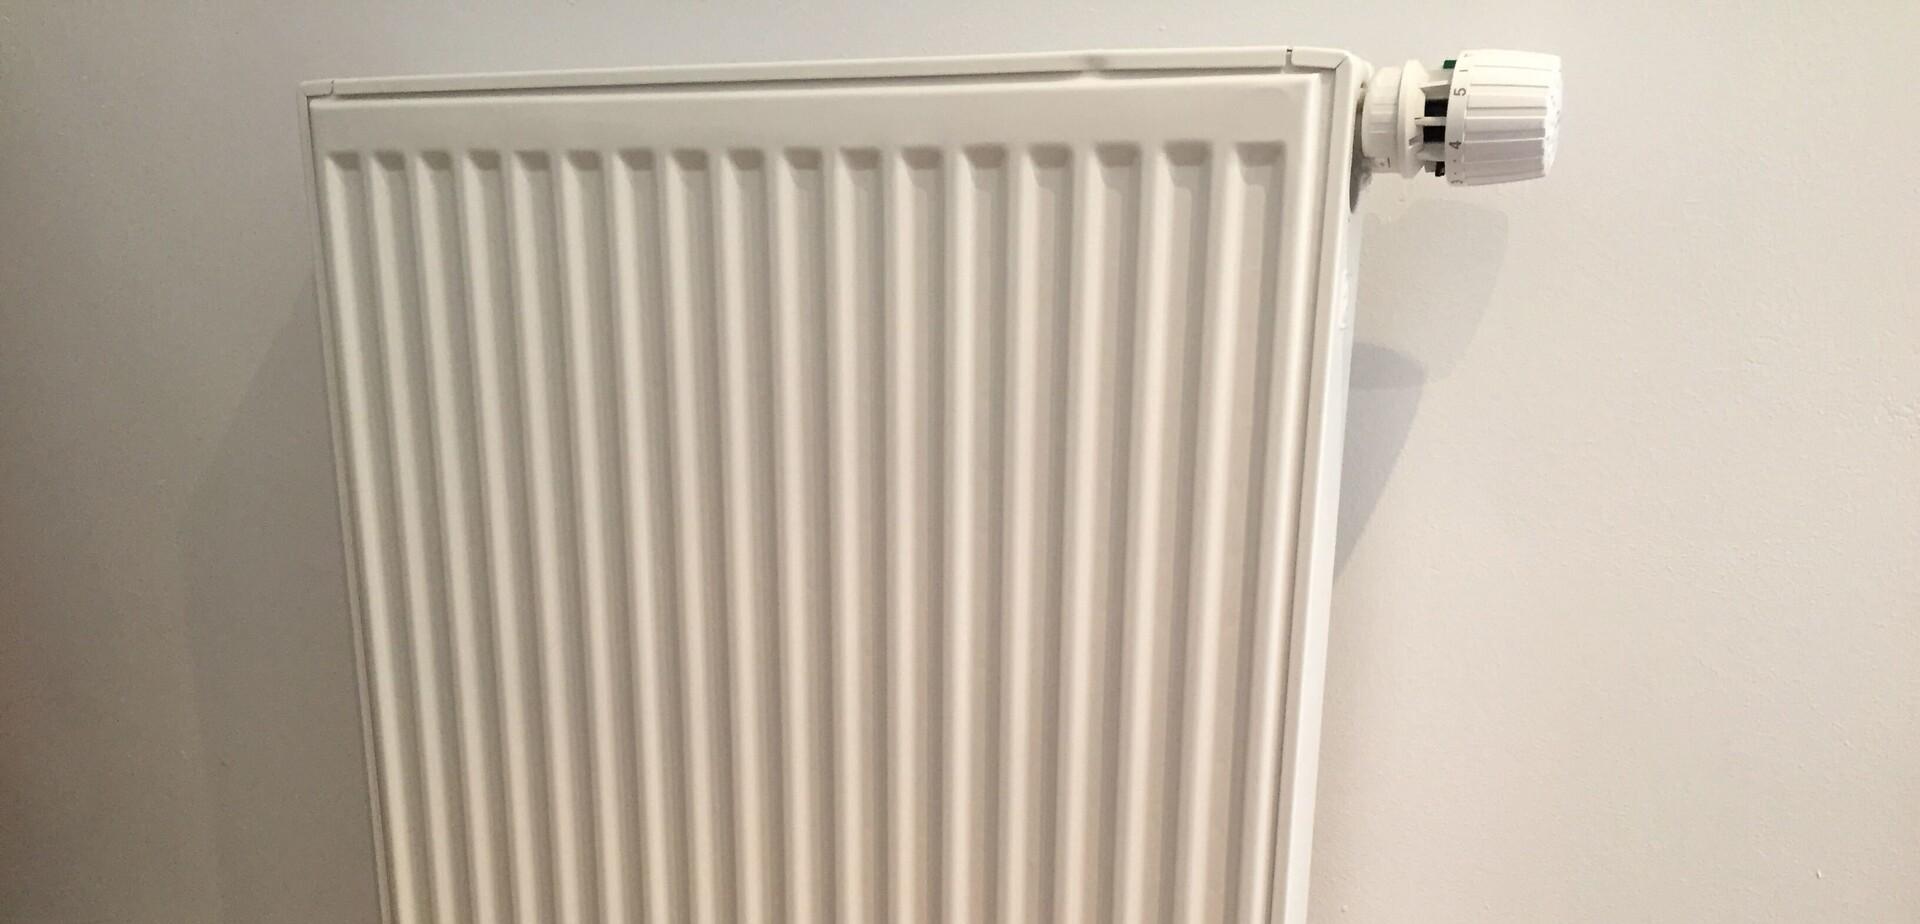 Comment Cacher Des Tuyau De Chauffage installer un radiateur | Étape par étape | brico.be